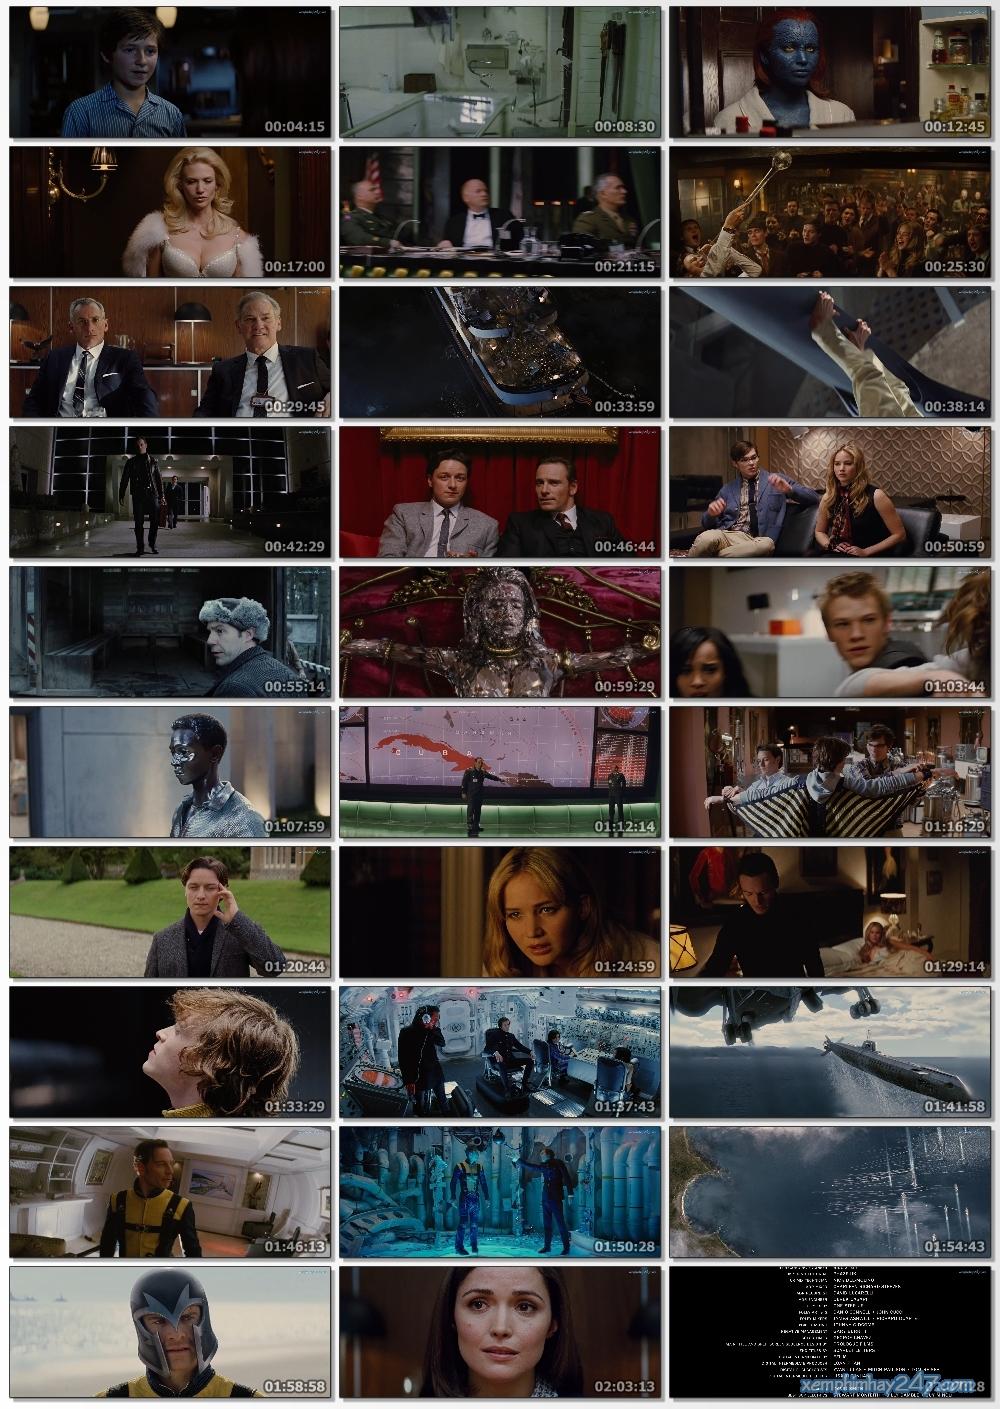 http://xemphimhay247.com - Xem phim hay 247 - Dị Nhân 5: Thế Hệ Đầu Tiên (2011) - X-men: First Class (2011)